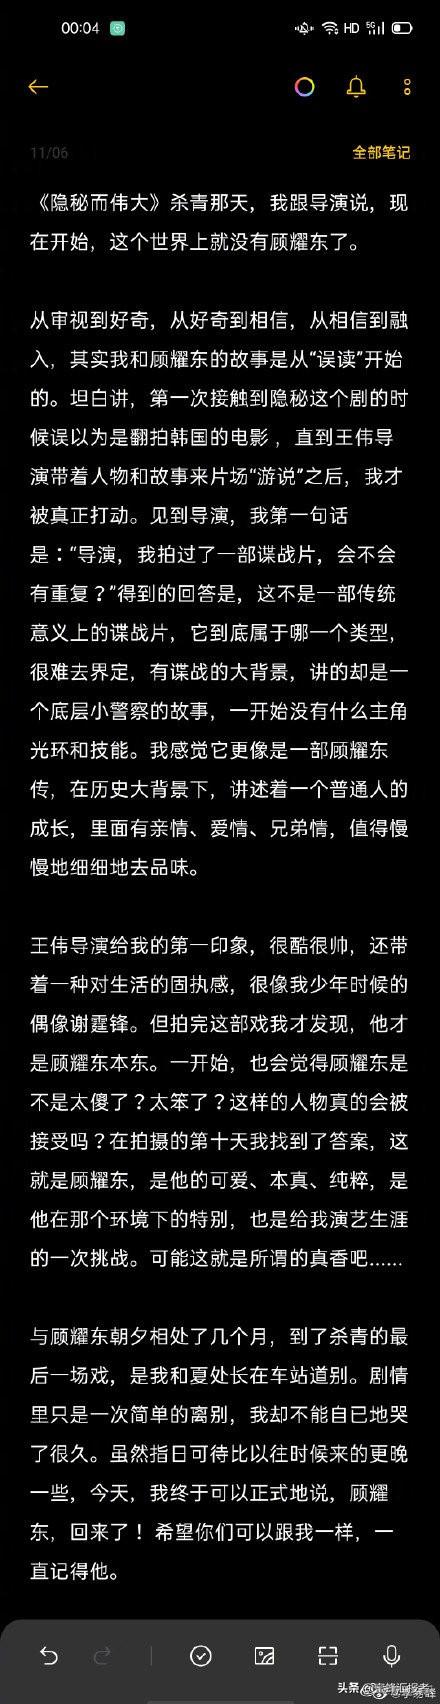 李易峰发文谈隐秘而伟大,鹿晗用裤衩擦脸擦嘴,李荣浩心疼杨丞琳